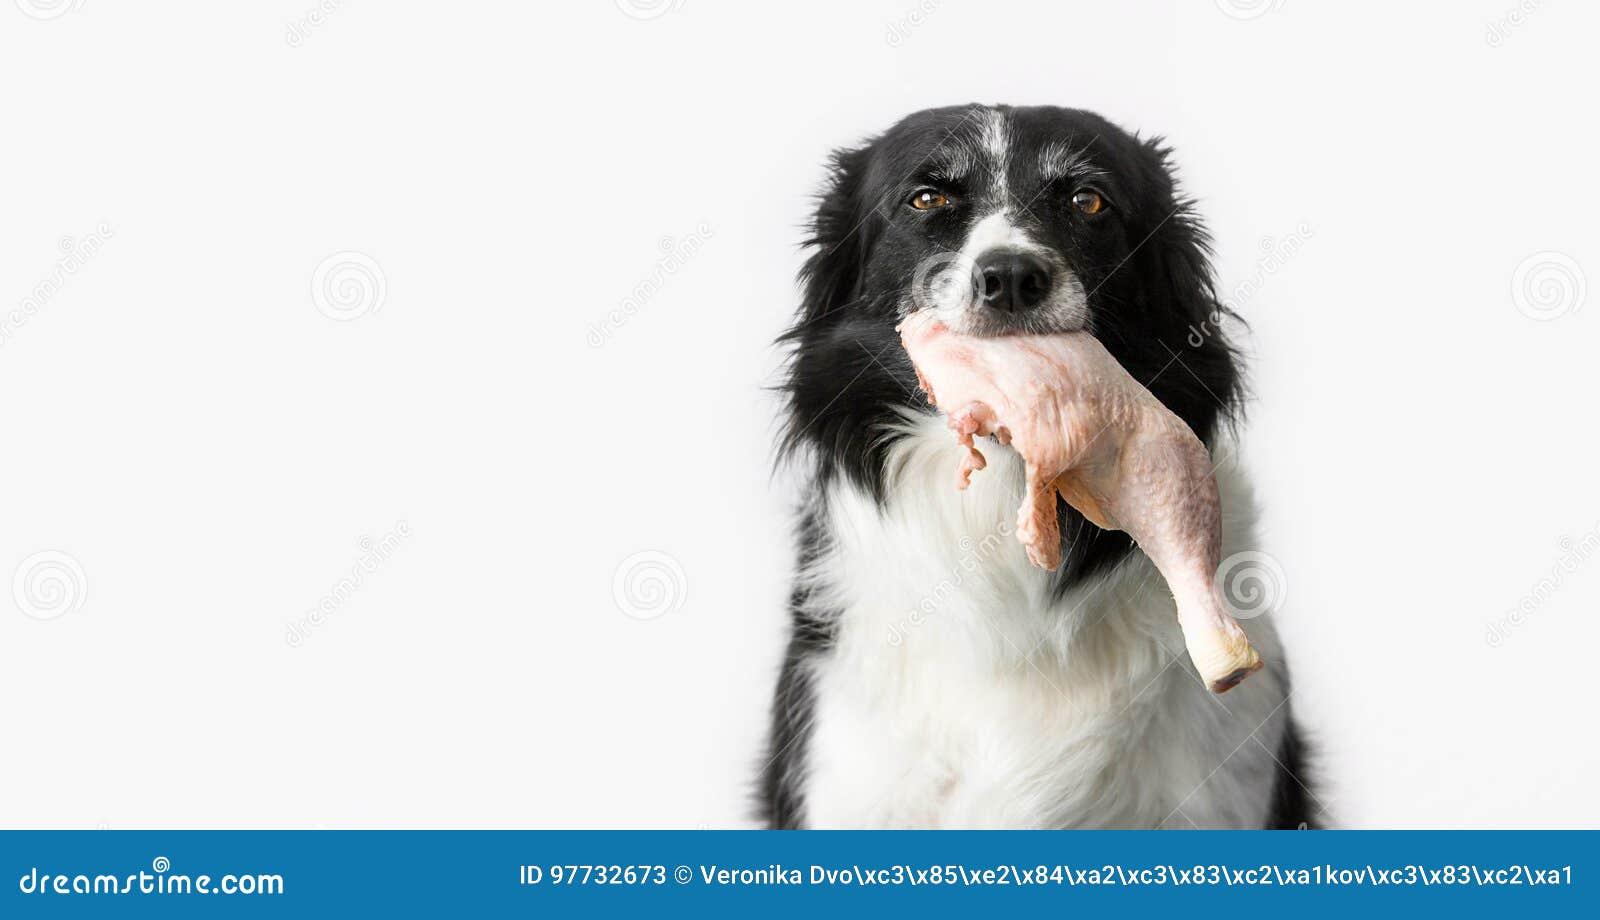 Hund mit rohem Fleisch im Mund